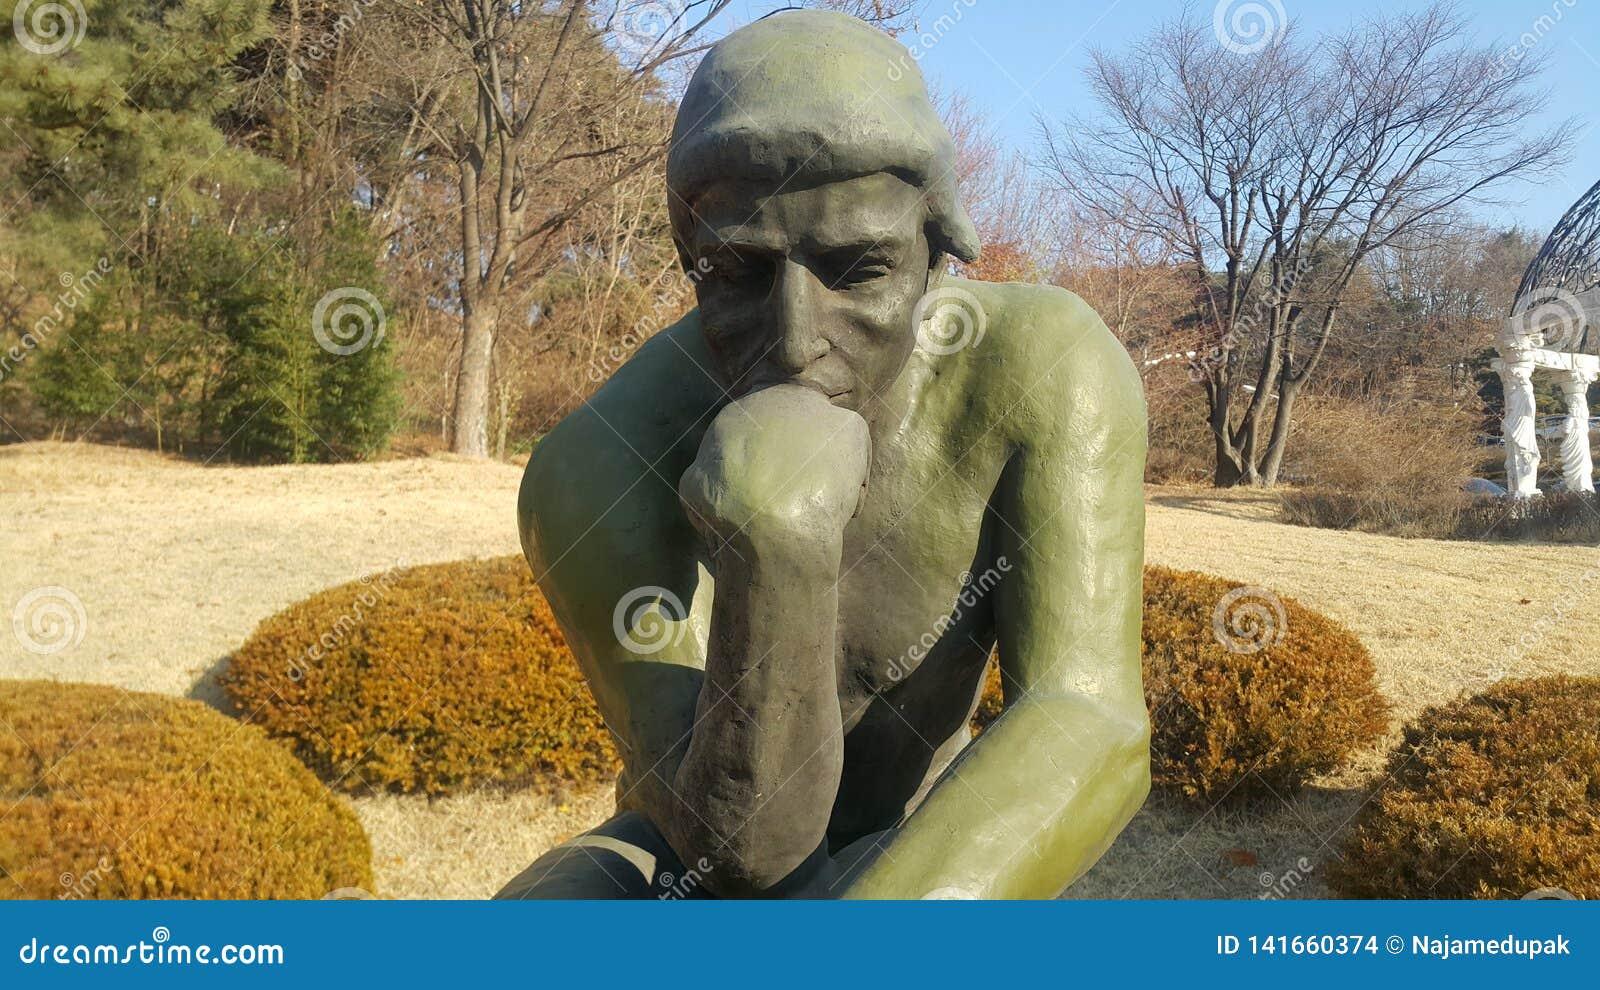 Grüne Statue des Denkers Auguste Rodin, stellend nackt auf einem Felsen ein